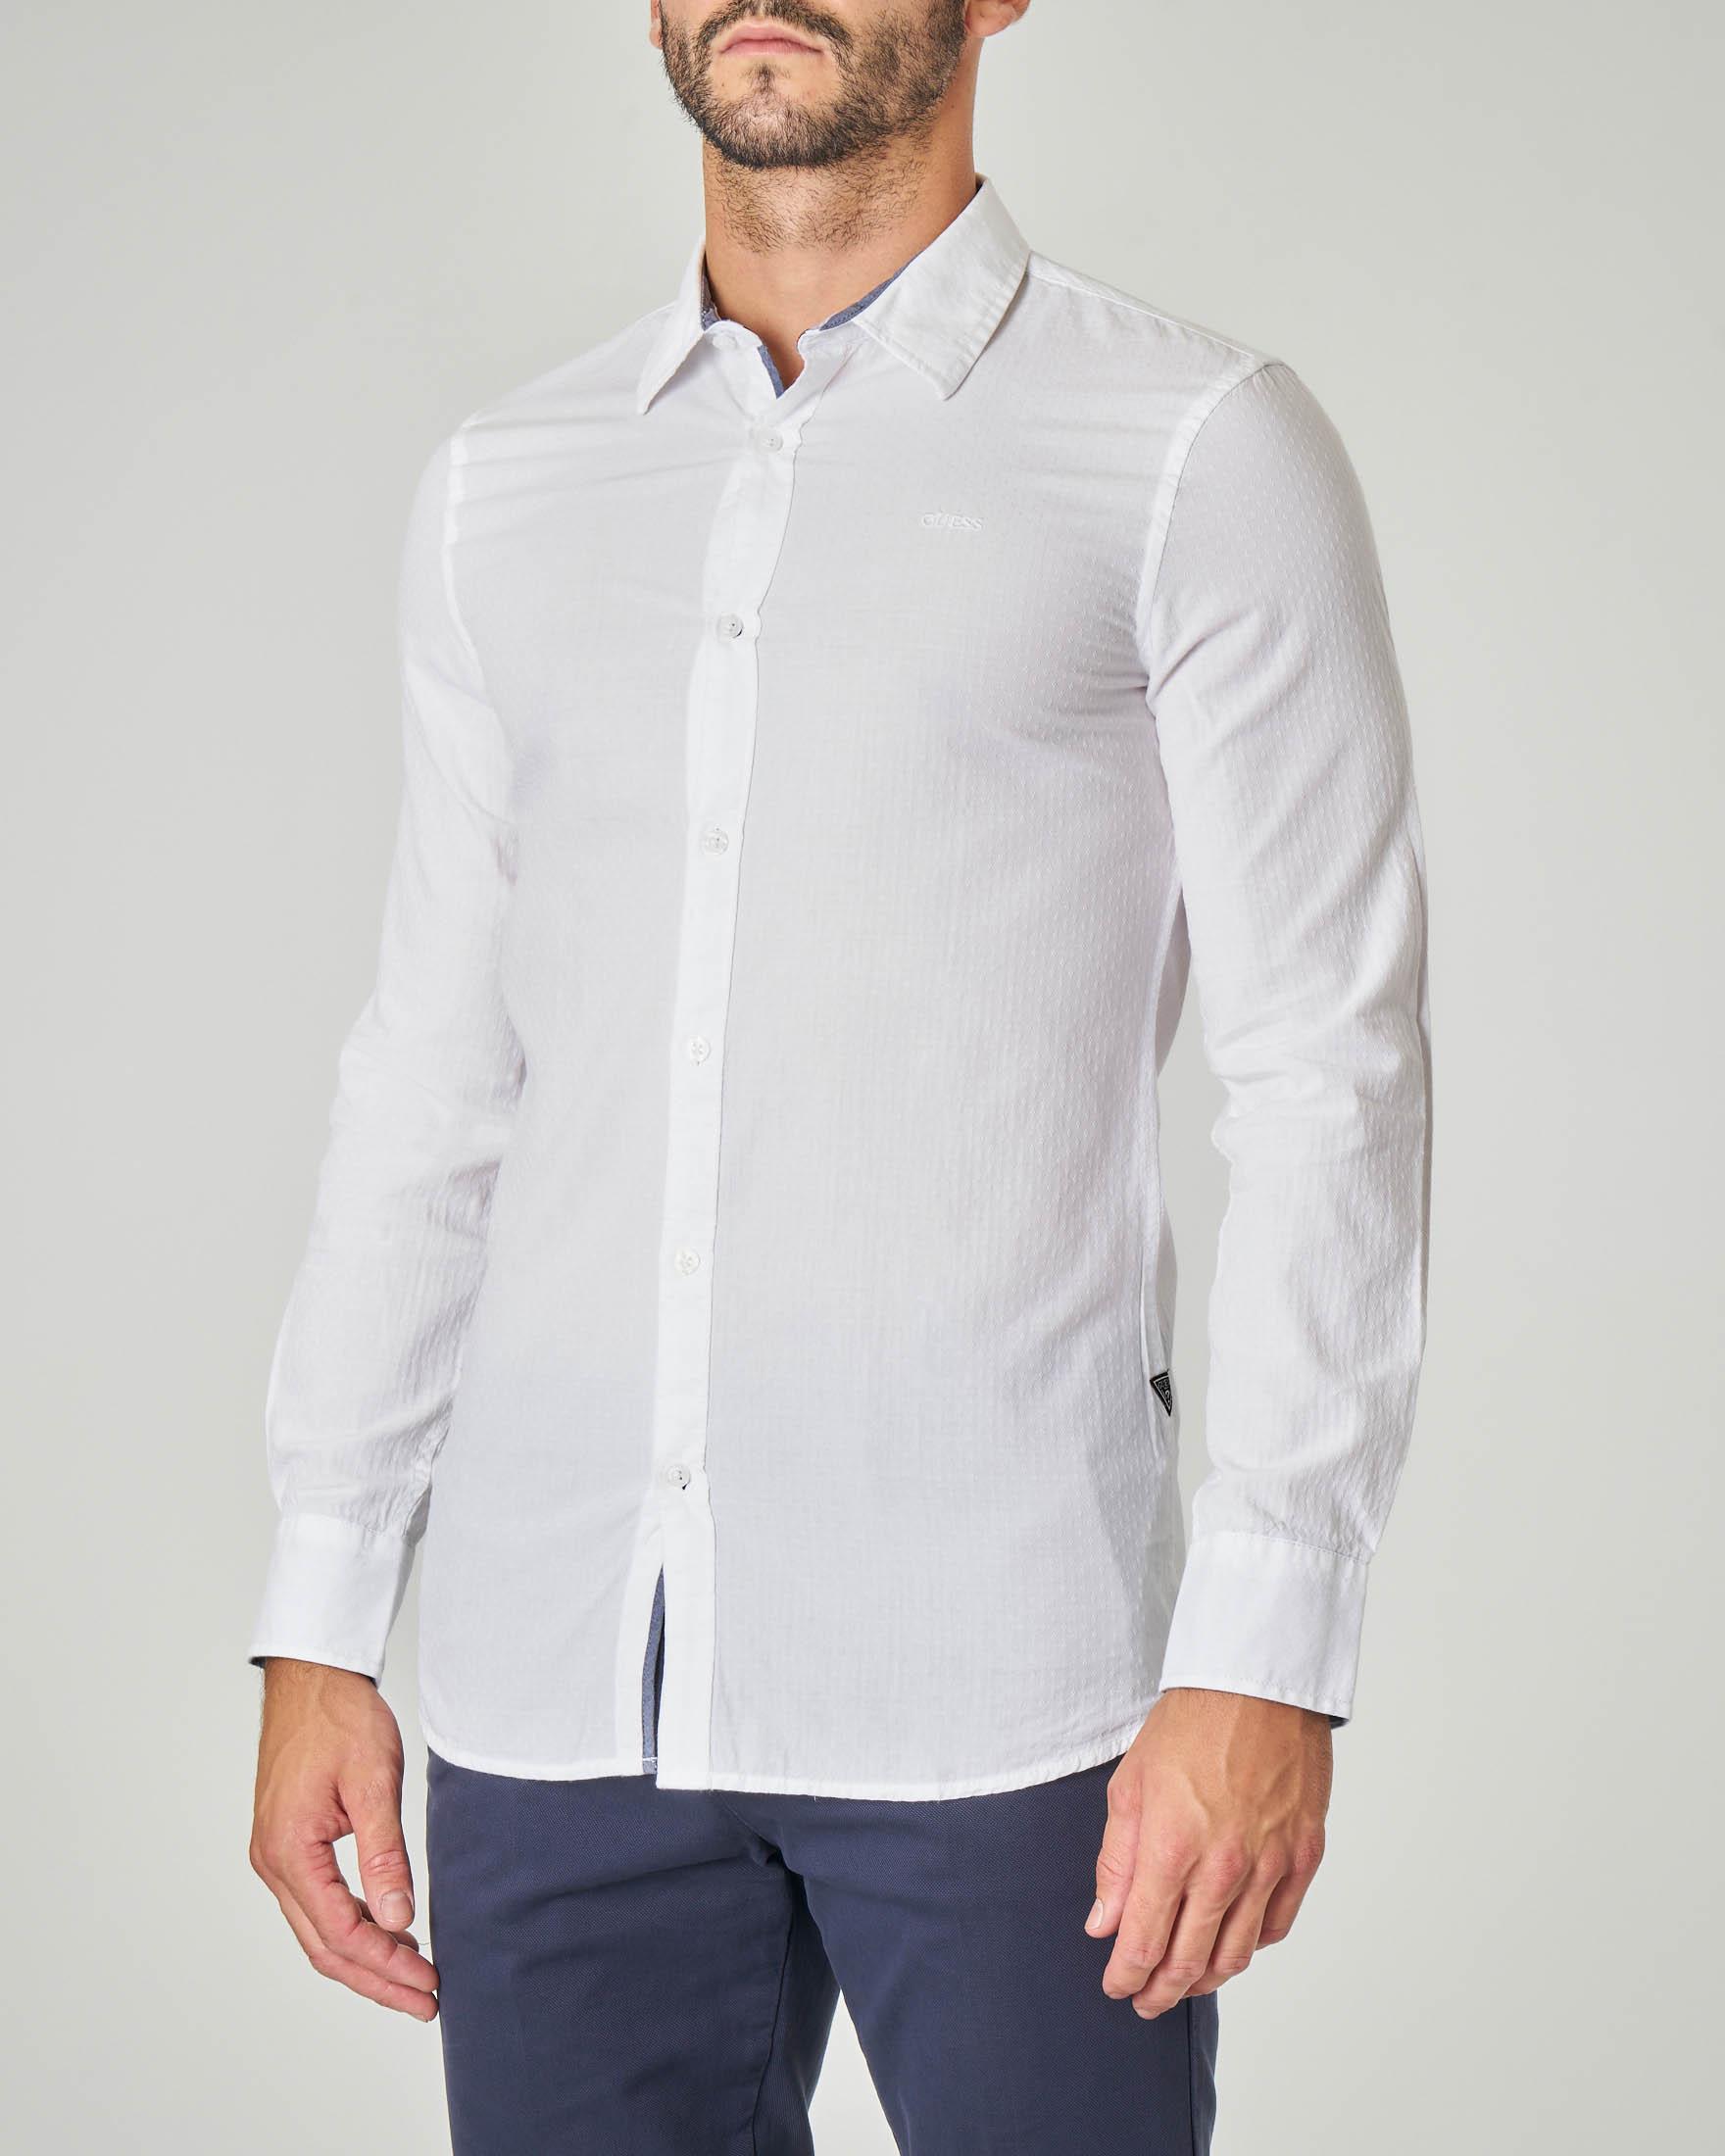 Camicia bianca in cotone con micro-rombetto jacquard